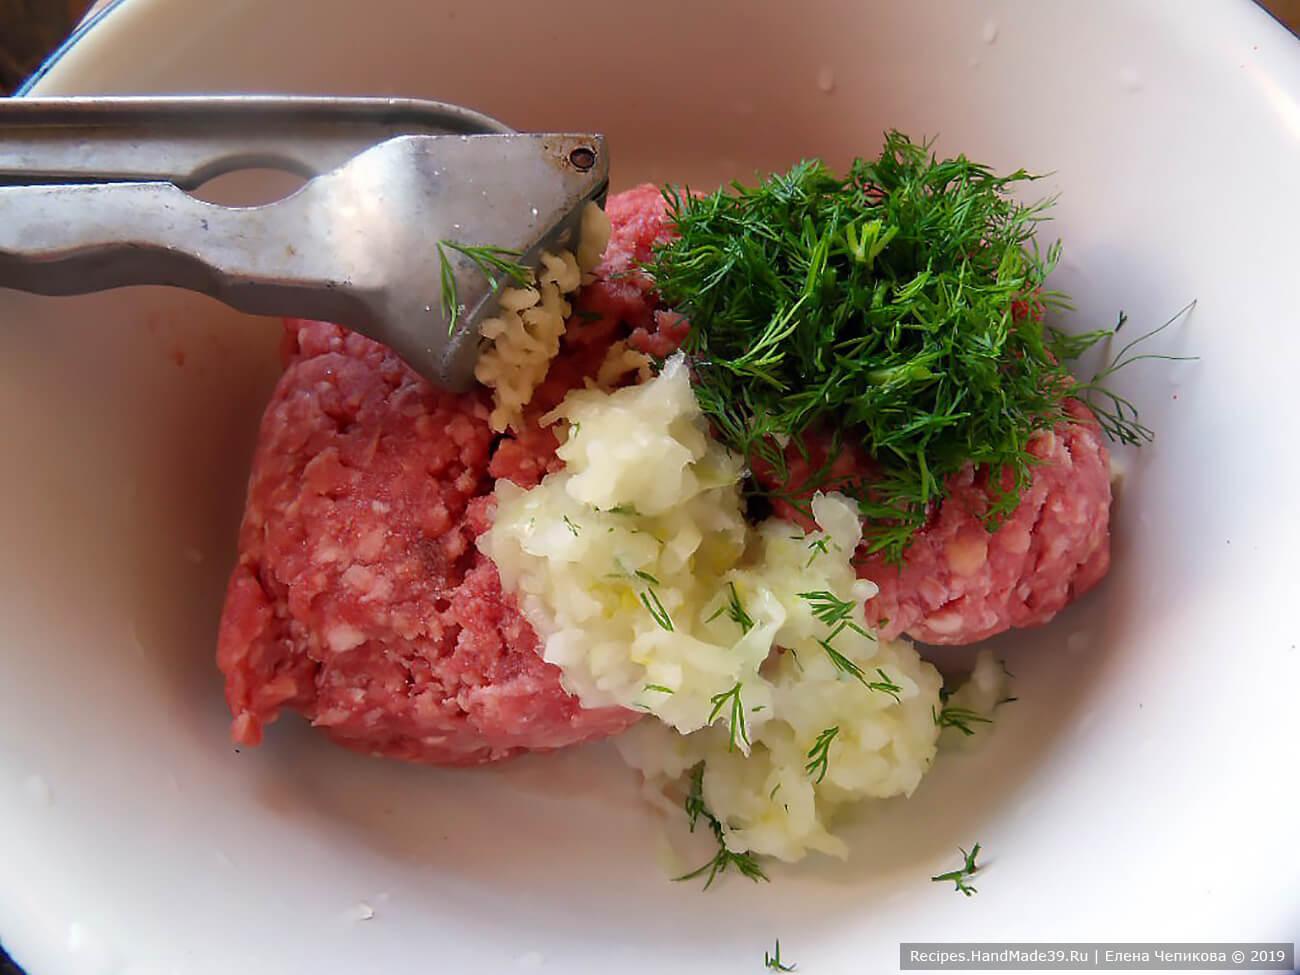 Соединить мясной фарш, лук, чеснок, зелень, соль, специи. Хорошо перемешать